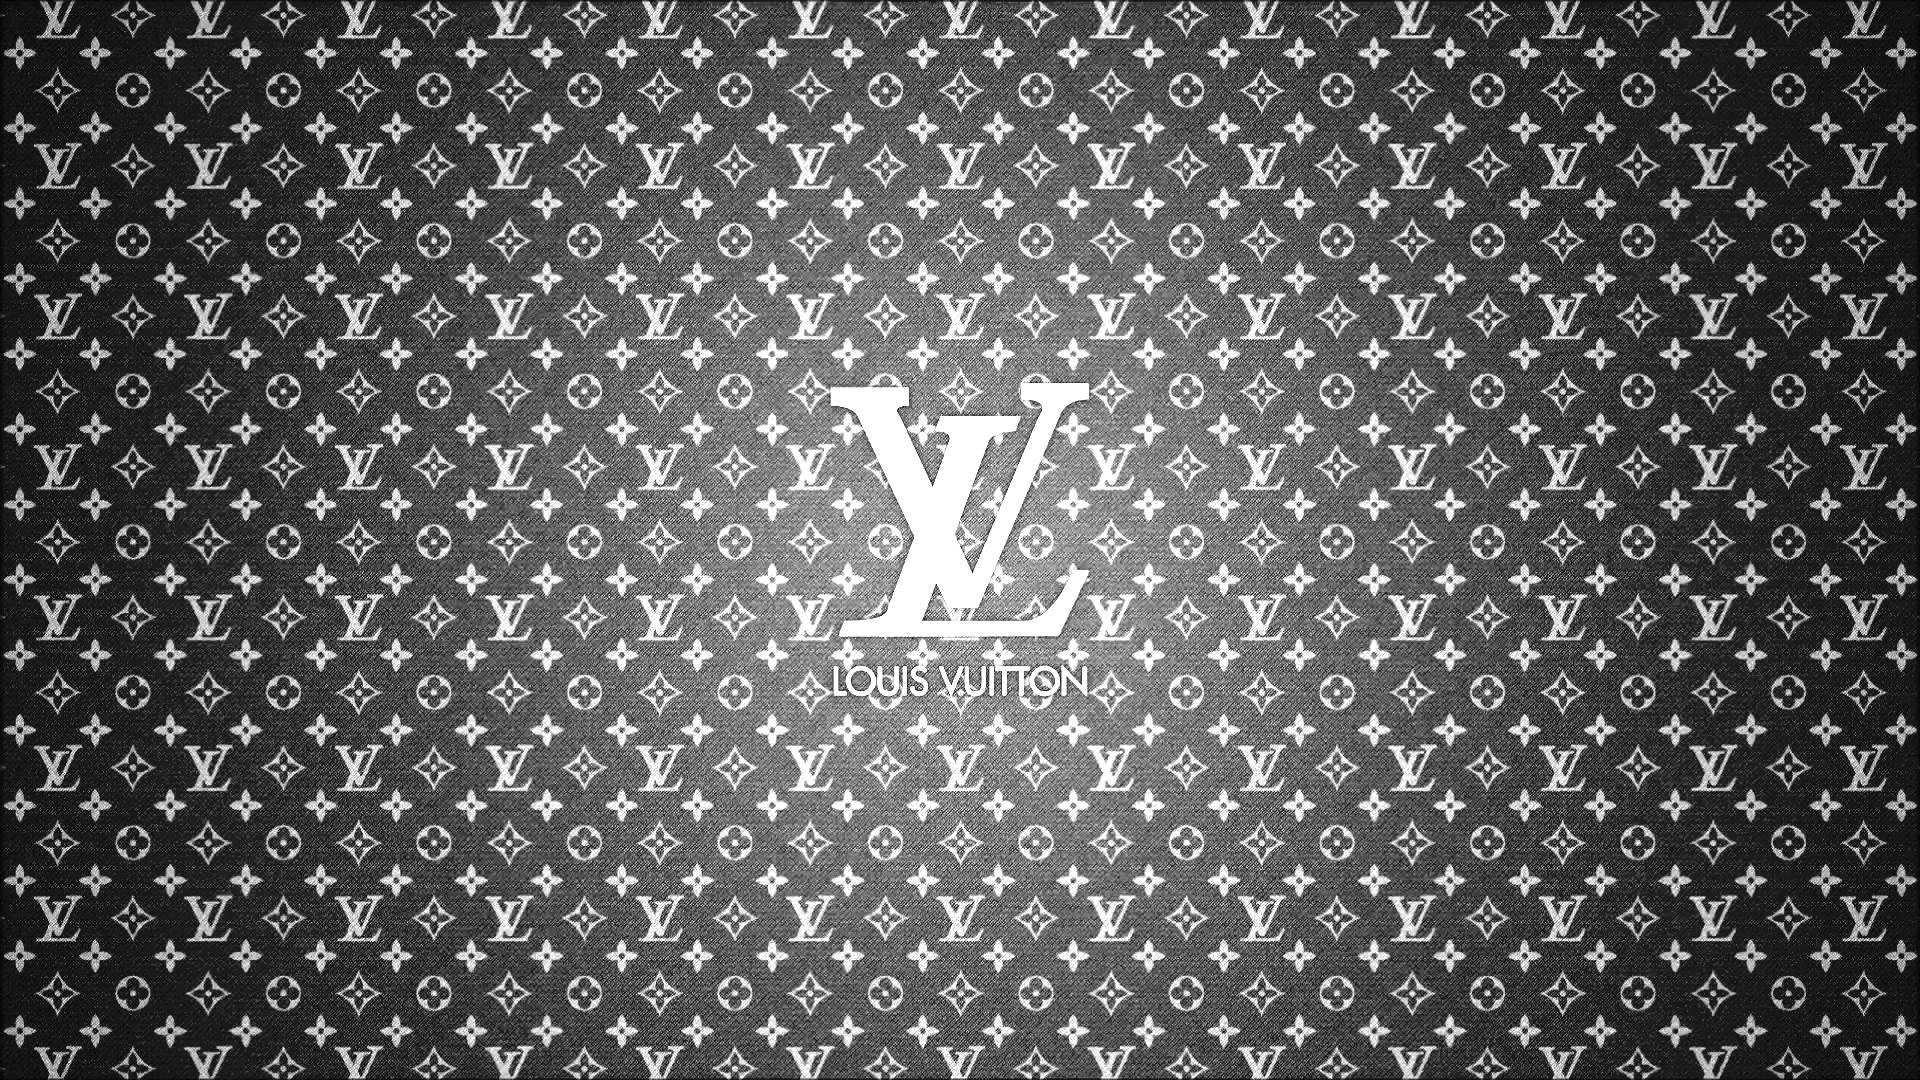 Louis vuitton logo wallpaper white